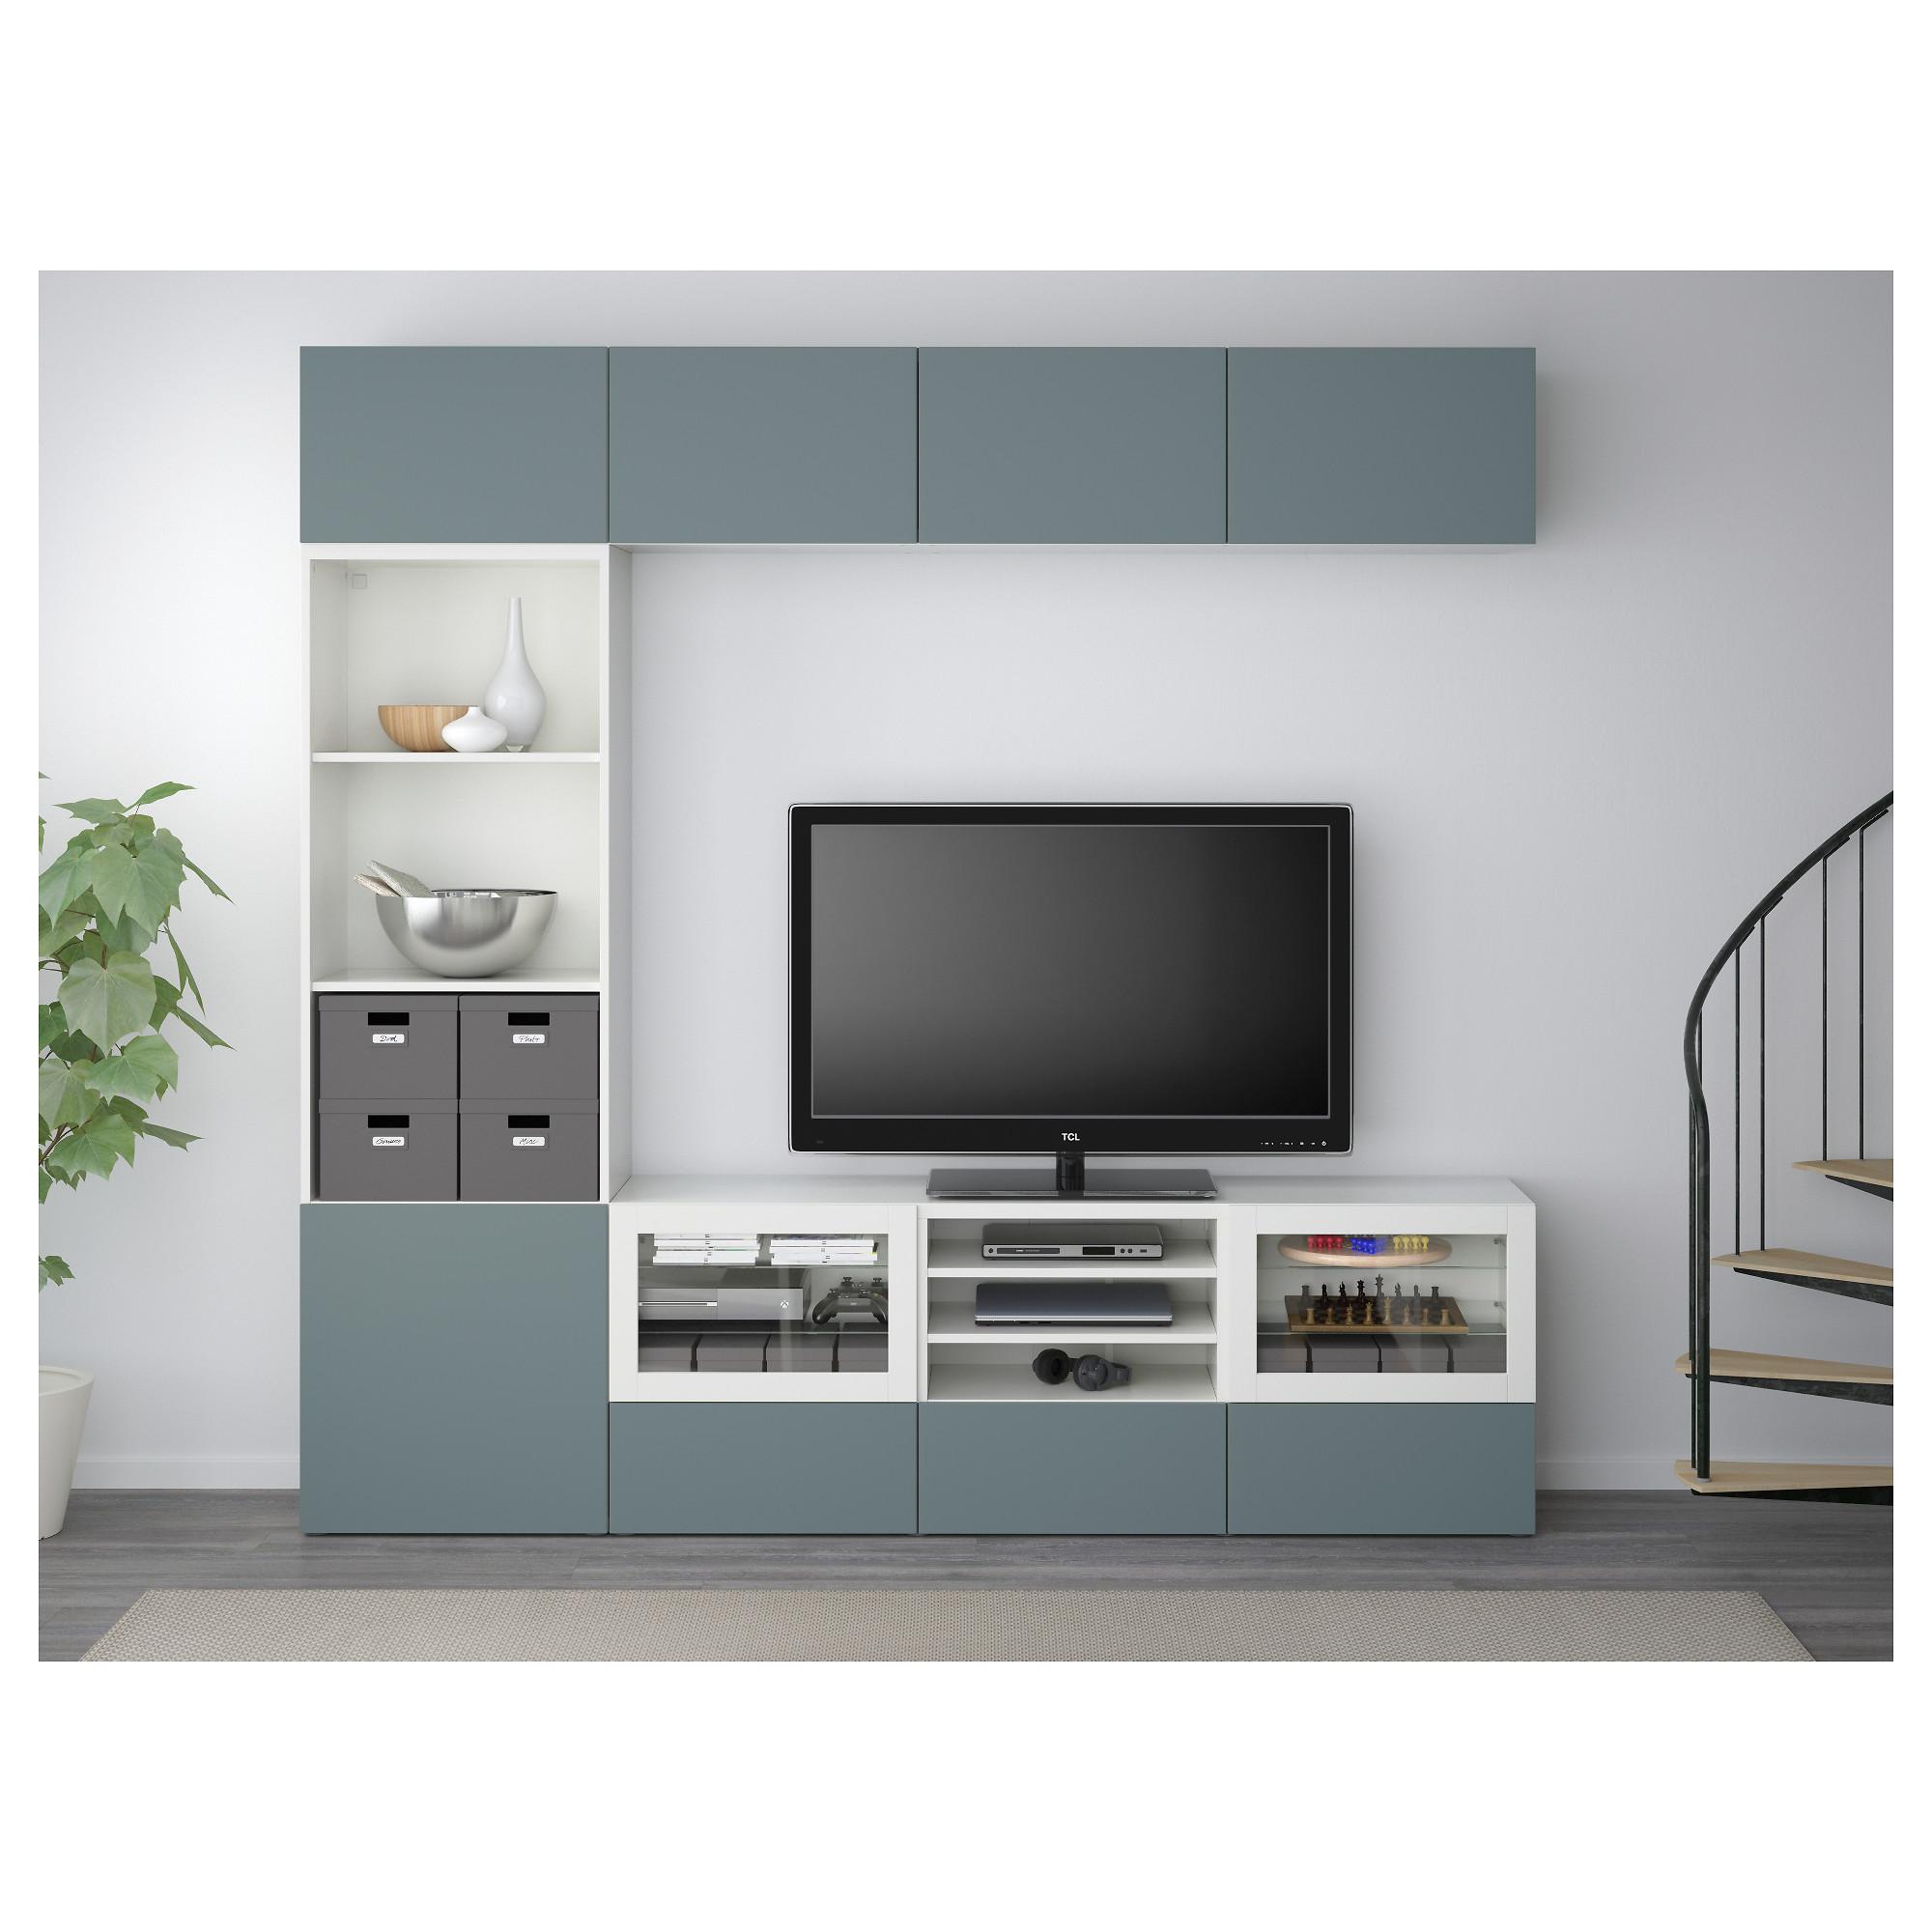 Шкаф для ТВ, комбинированный, стекляные дверцы БЕСТО белый артикуль № 792.501.66 в наличии. Интернет каталог ИКЕА РБ. Недорогая доставка и установка.